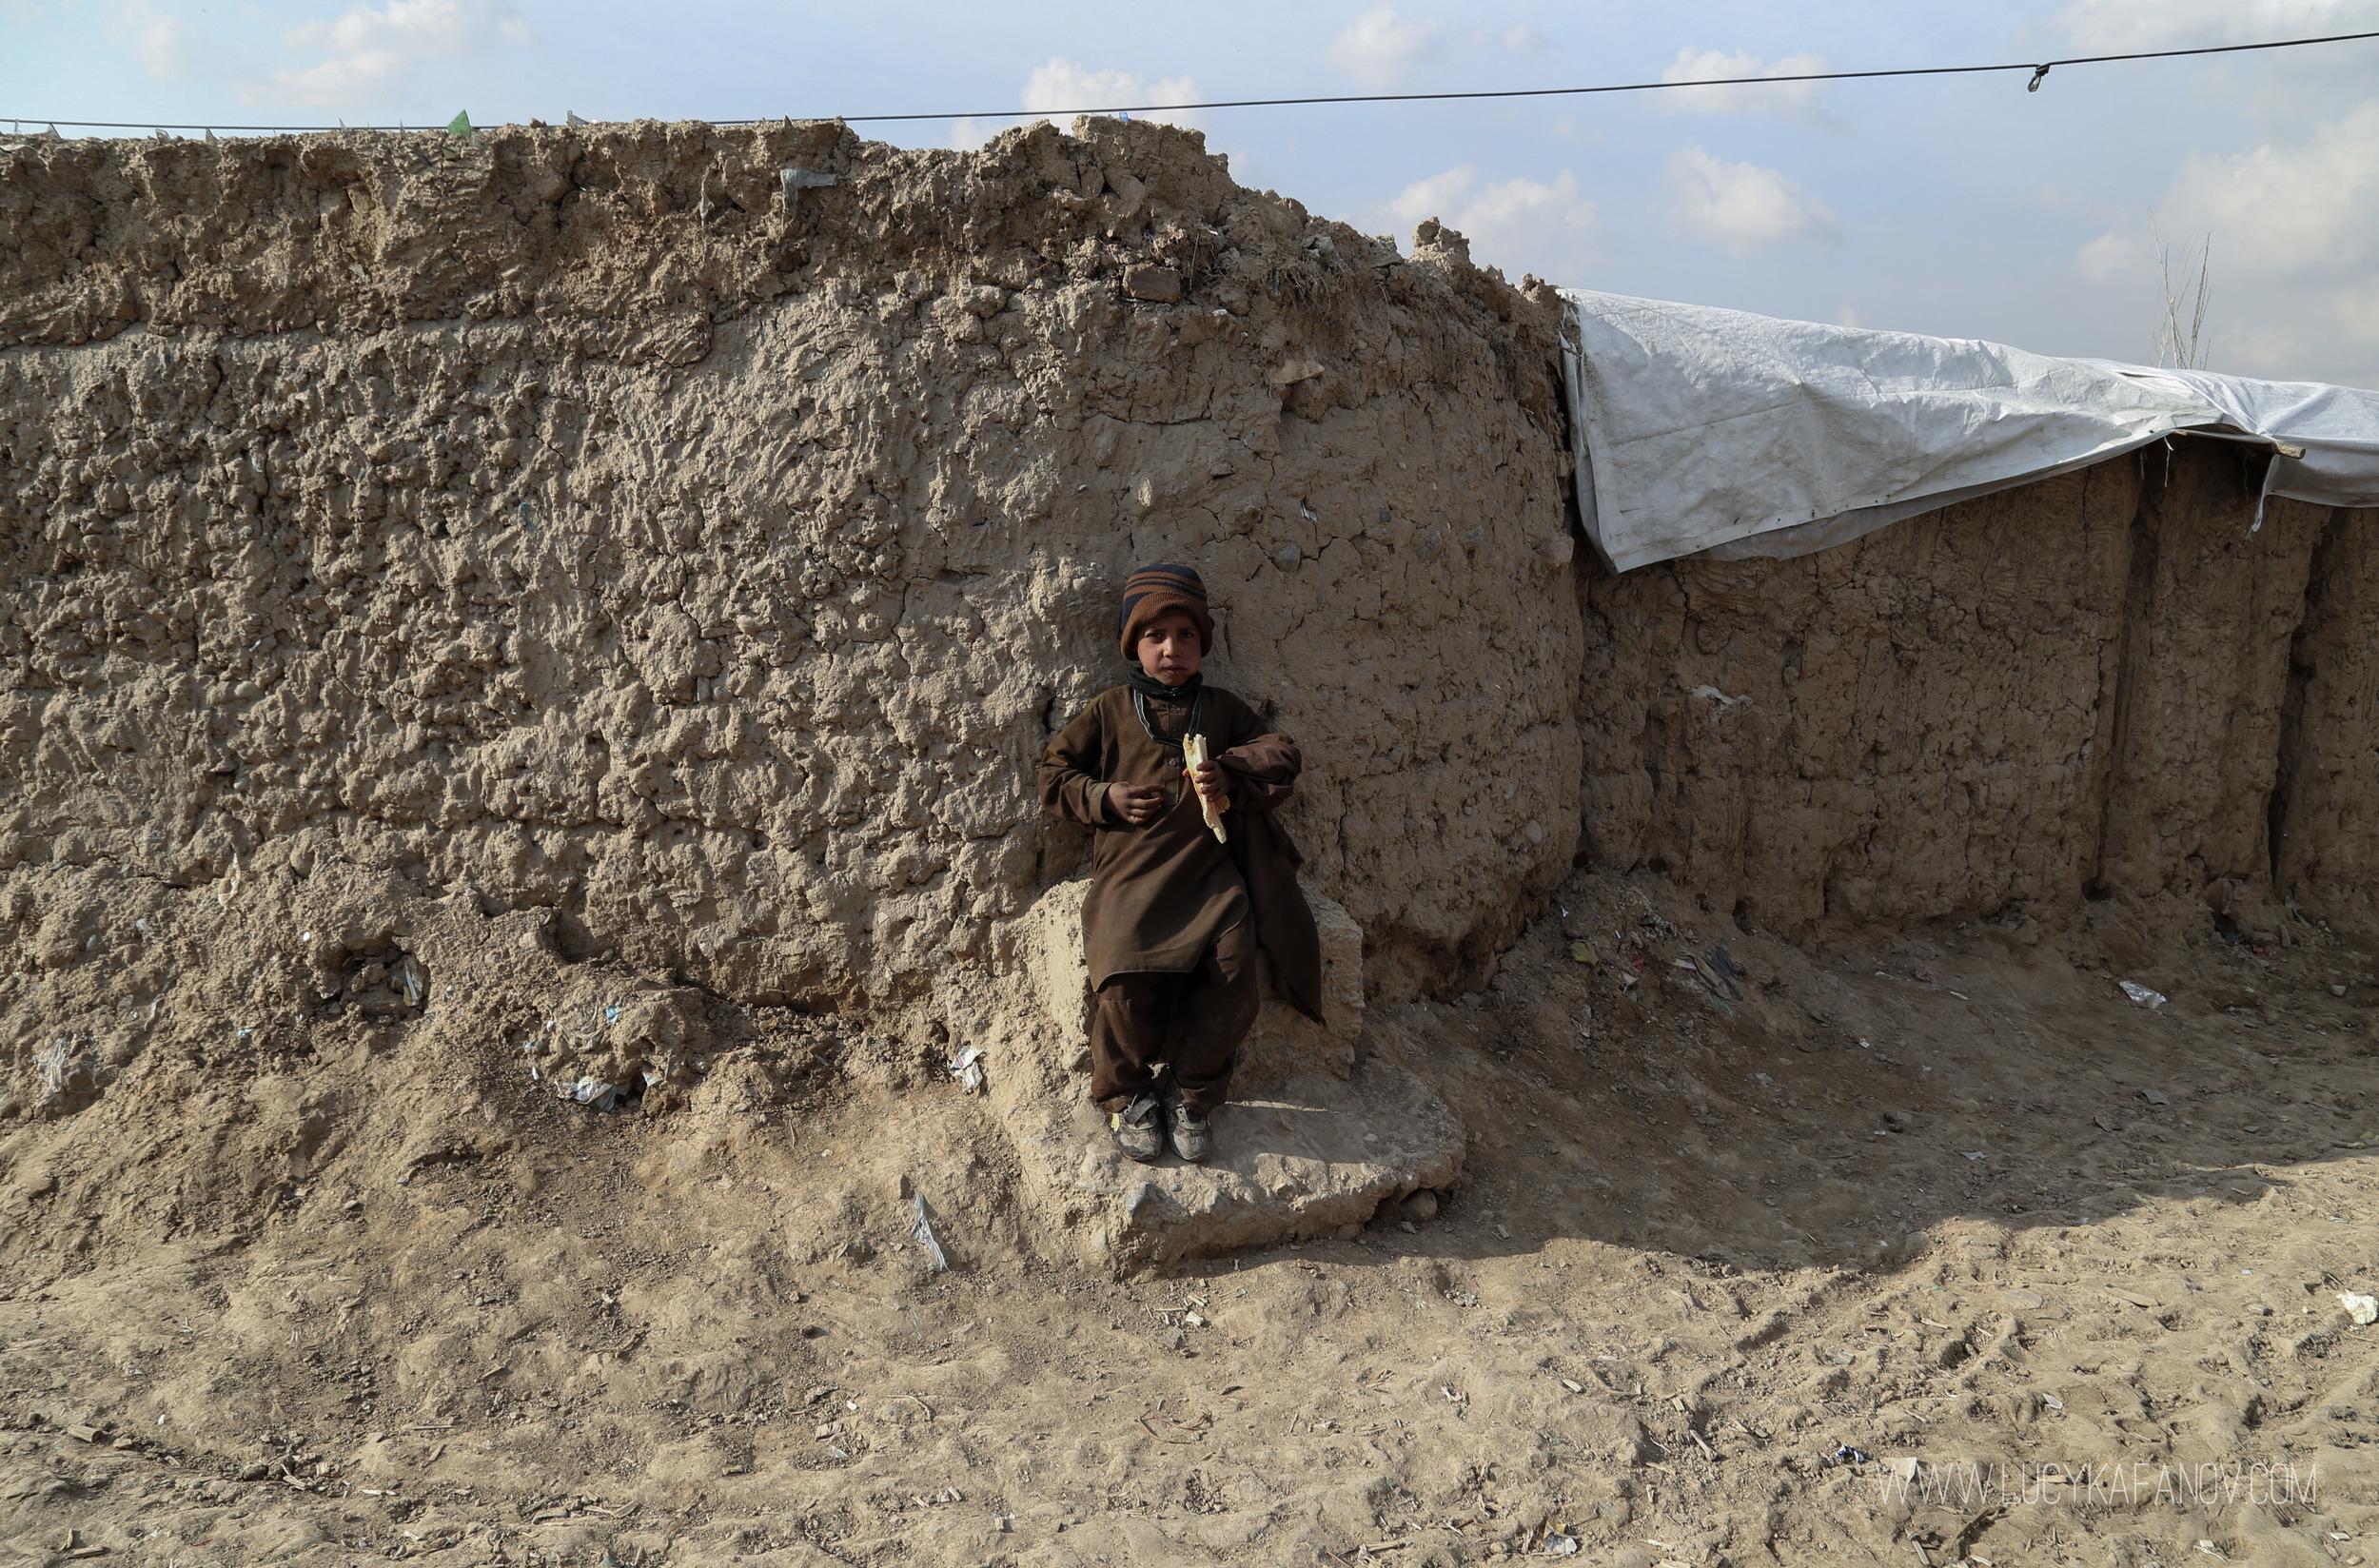 An Afghan boy, displaced by war.